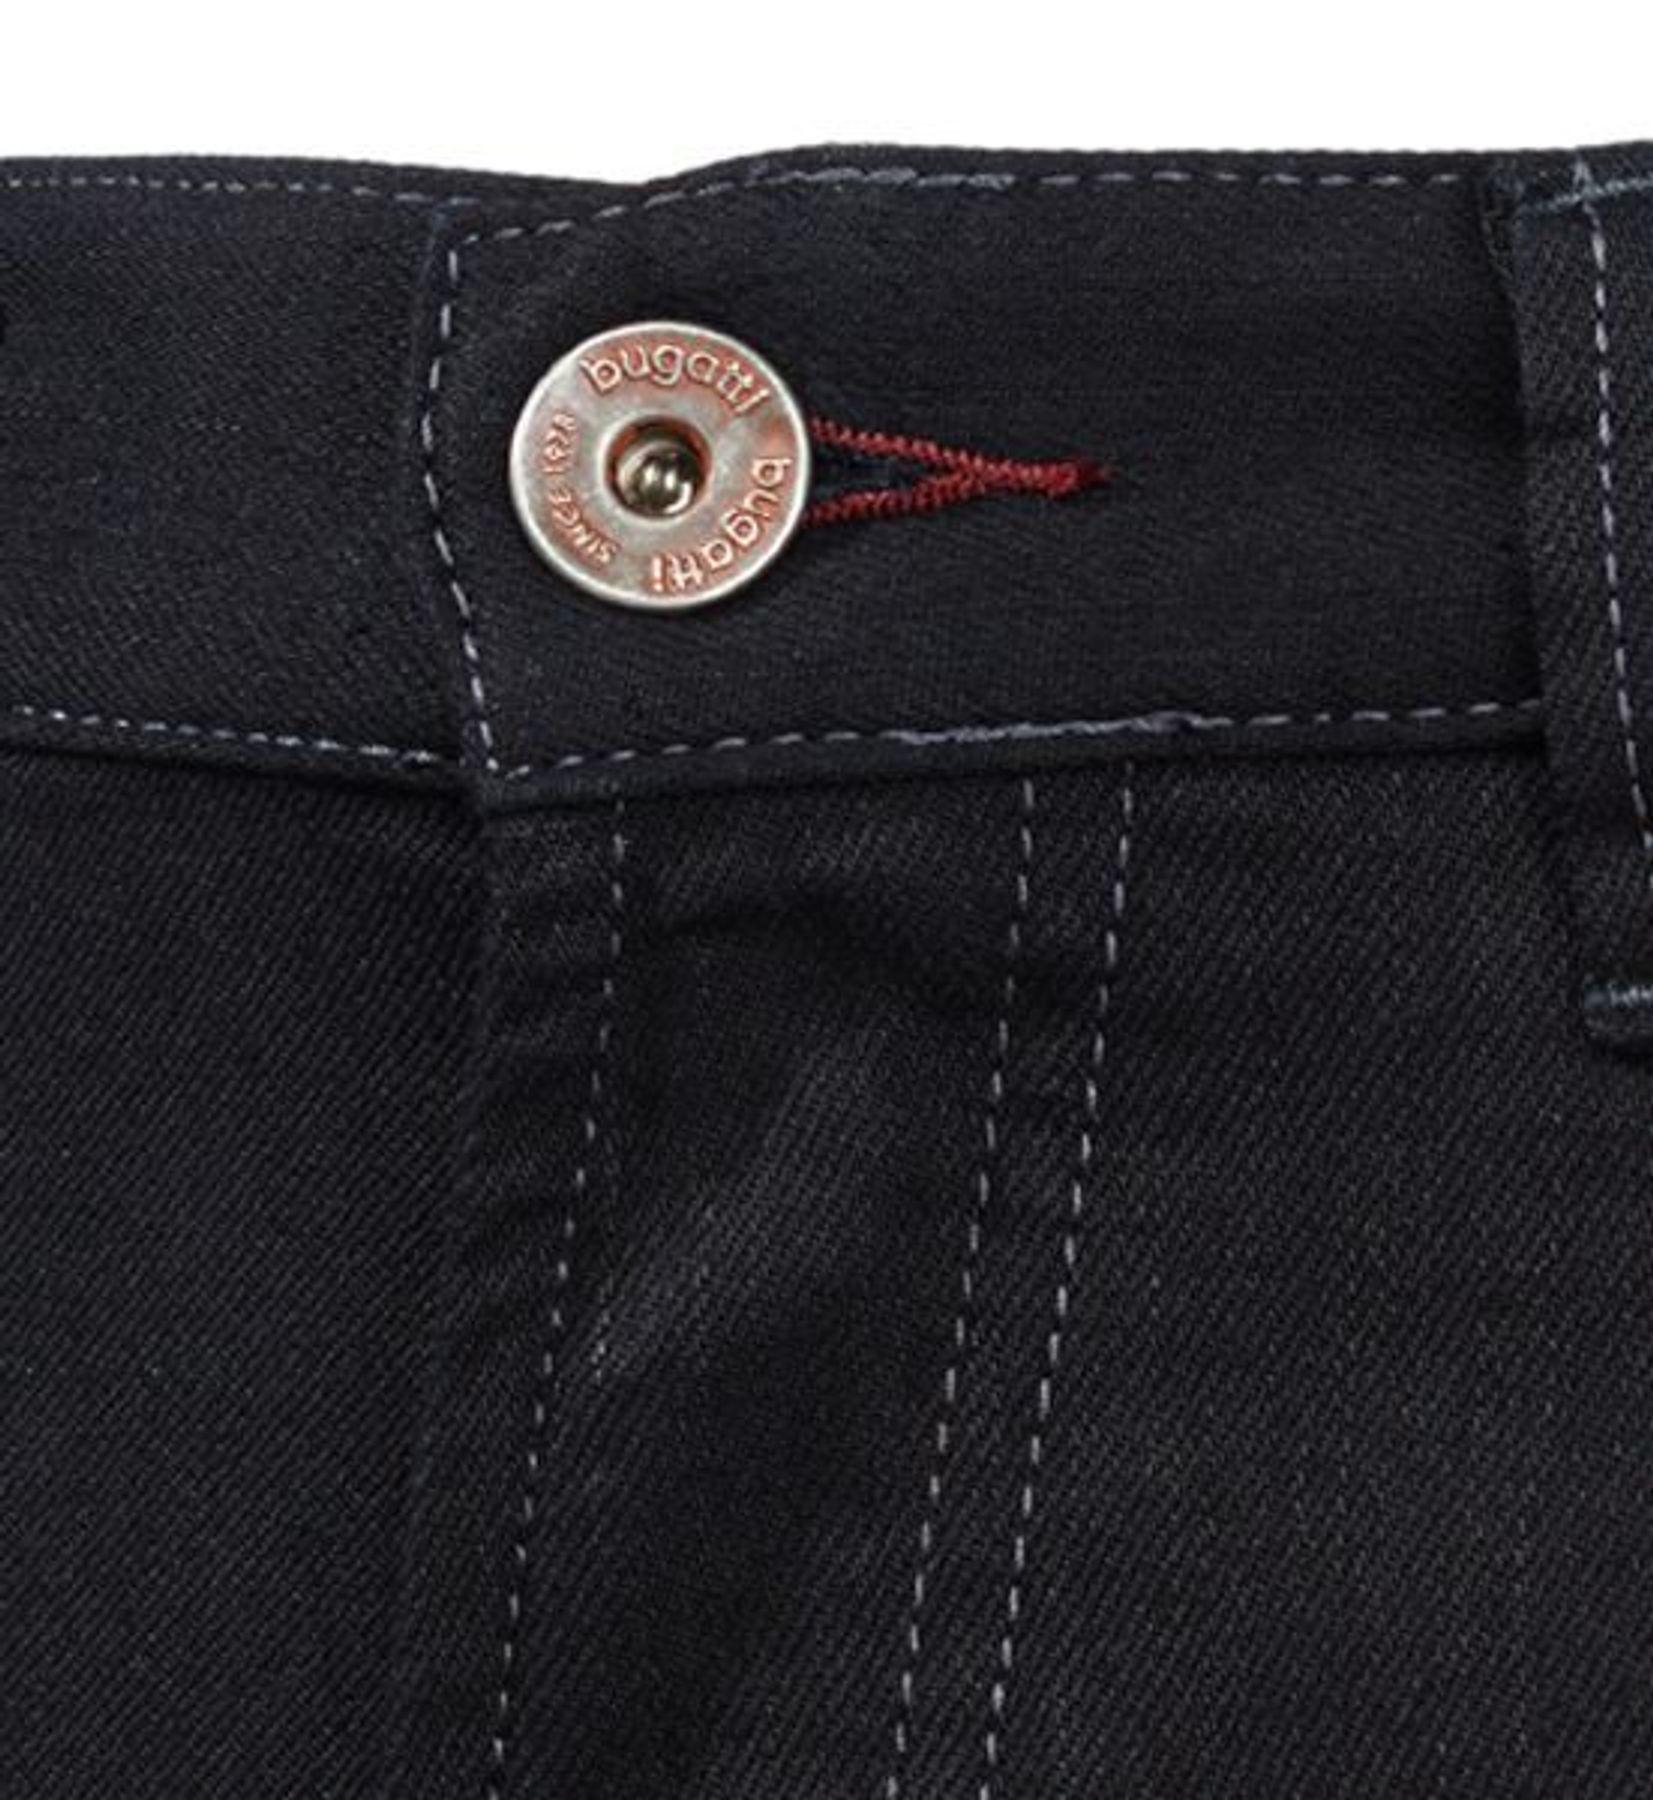 Bugatti - Herren Jeans mit 5 Taschen in Schwarz (Art. Nr.: 3280D-66661) – Bild 2